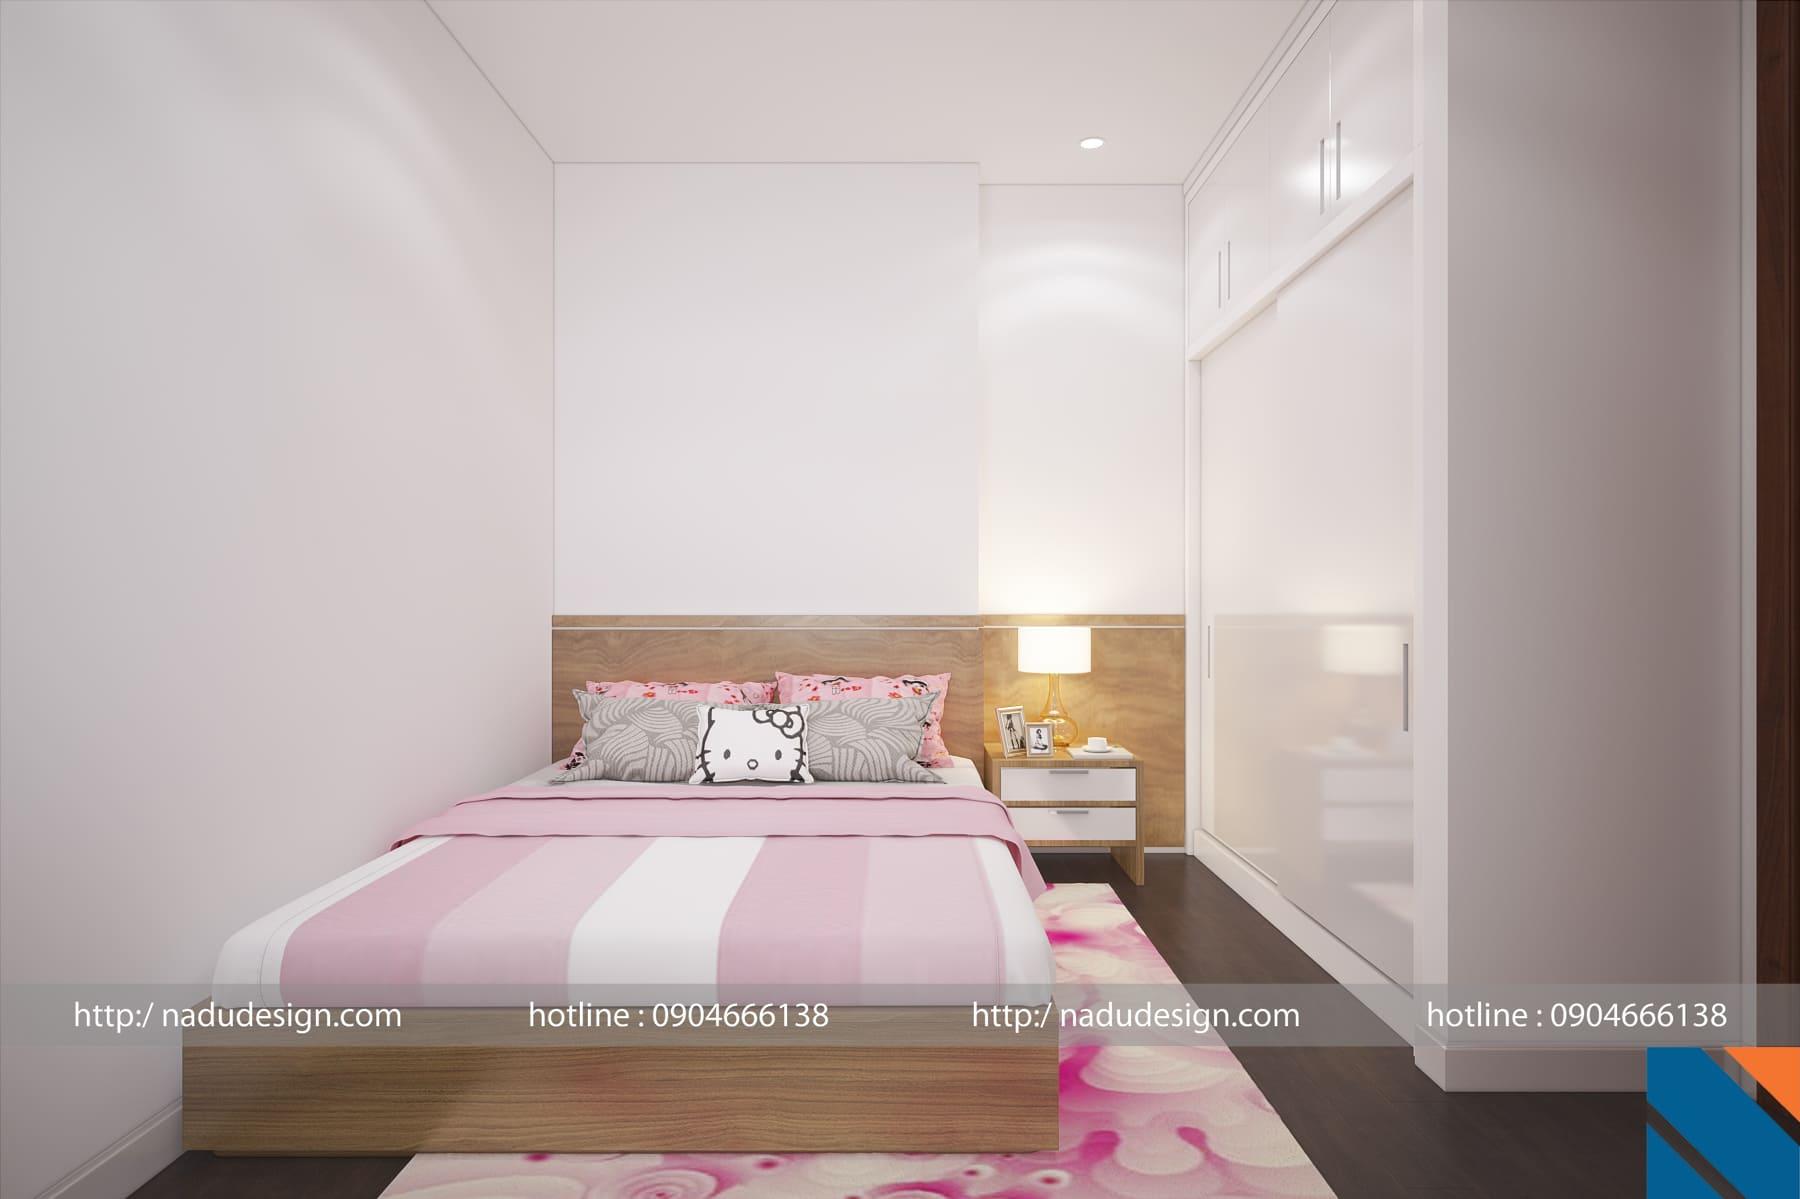 Mẫu thiết kế nội thất phòng ngủ nhỏ 6m vuông ảnh 2